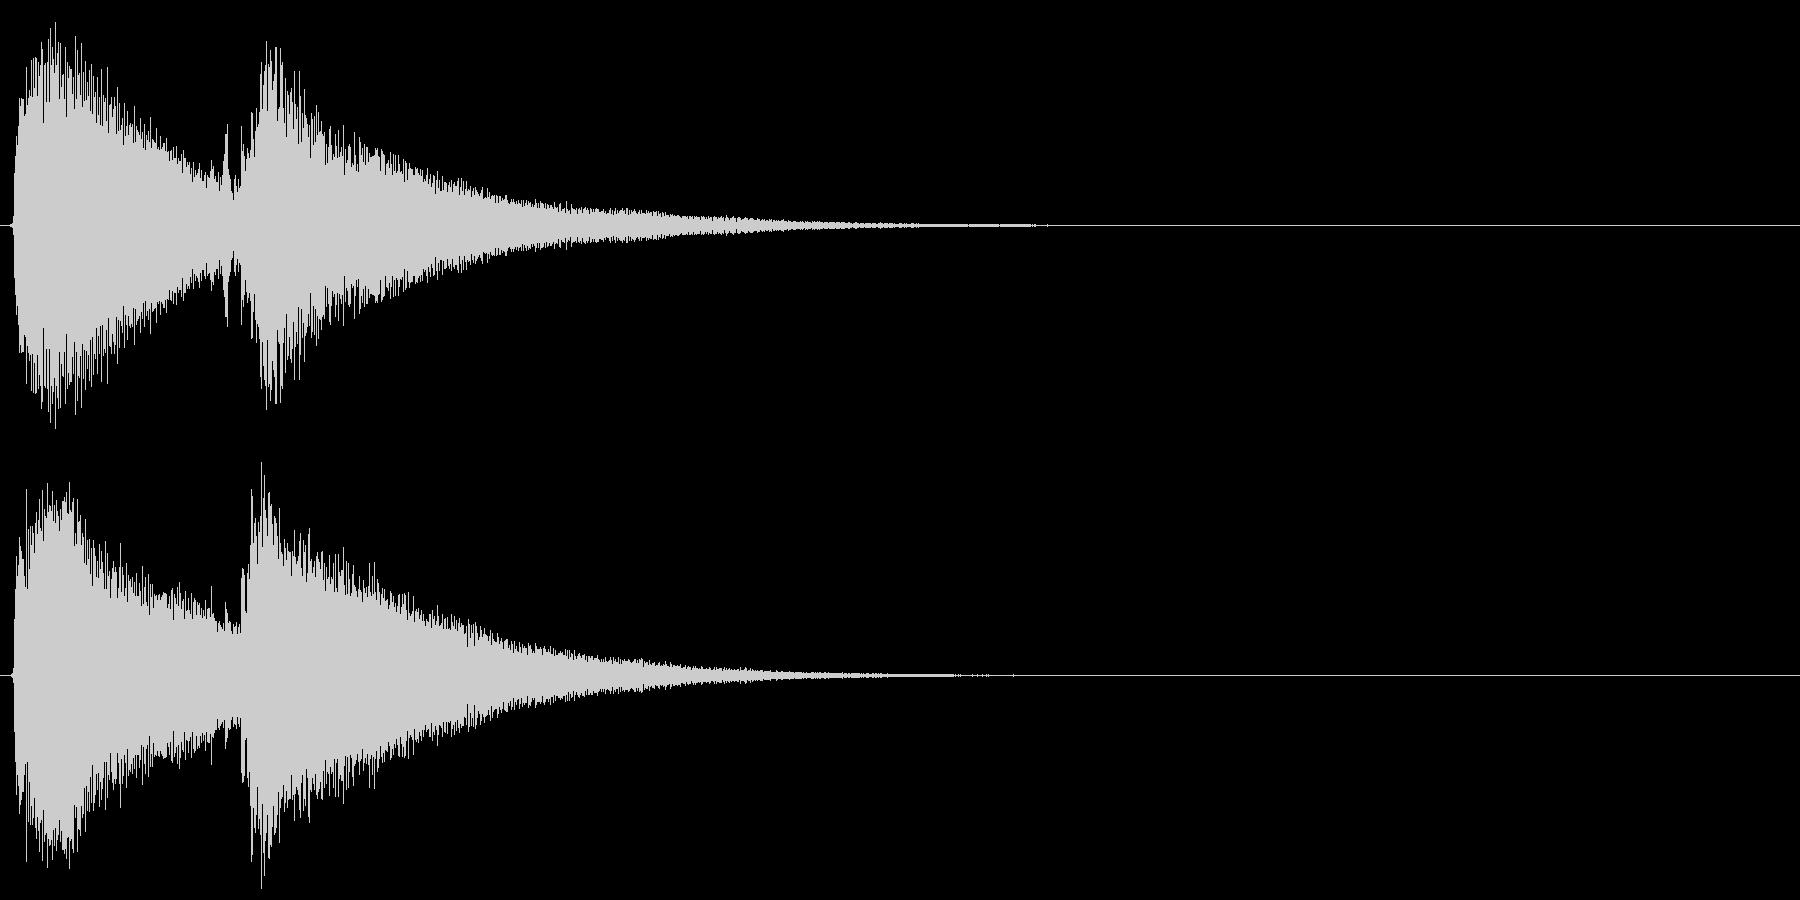 【効果音】サウナ用のギター:ととのい3の未再生の波形